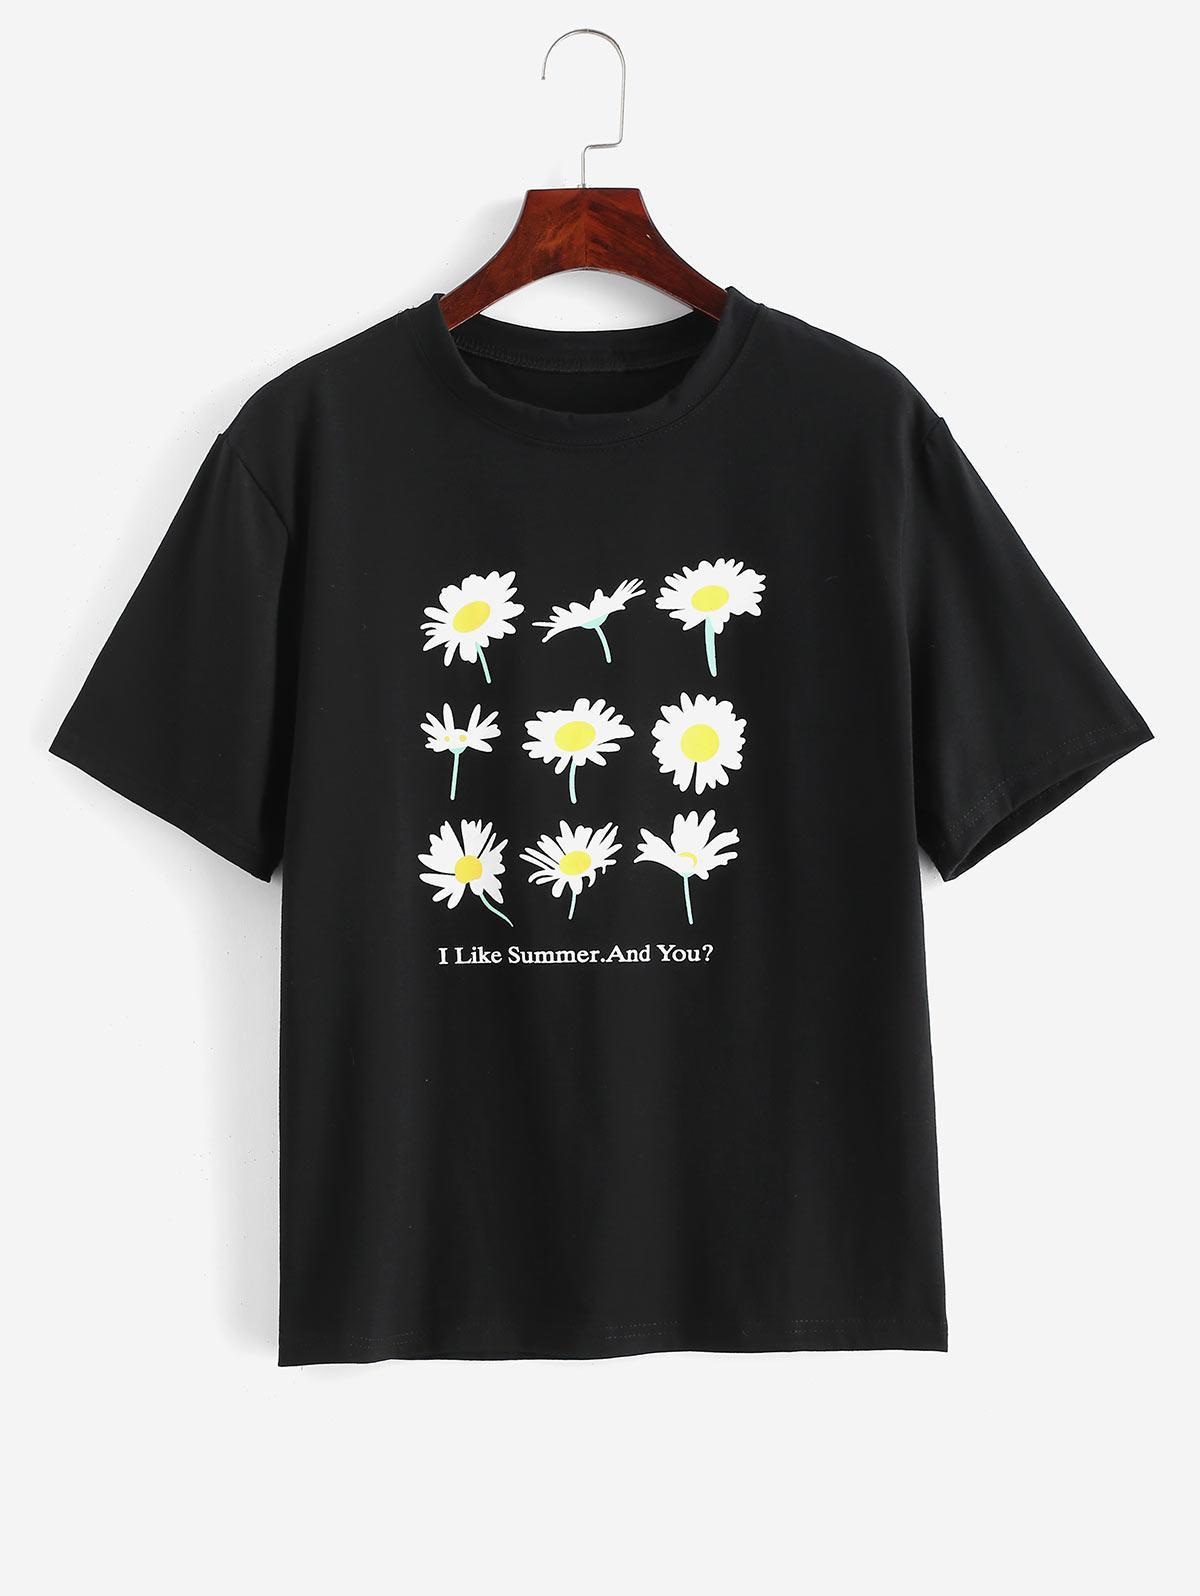 Flower Graphic Short Sleeve Boyfriend Tee